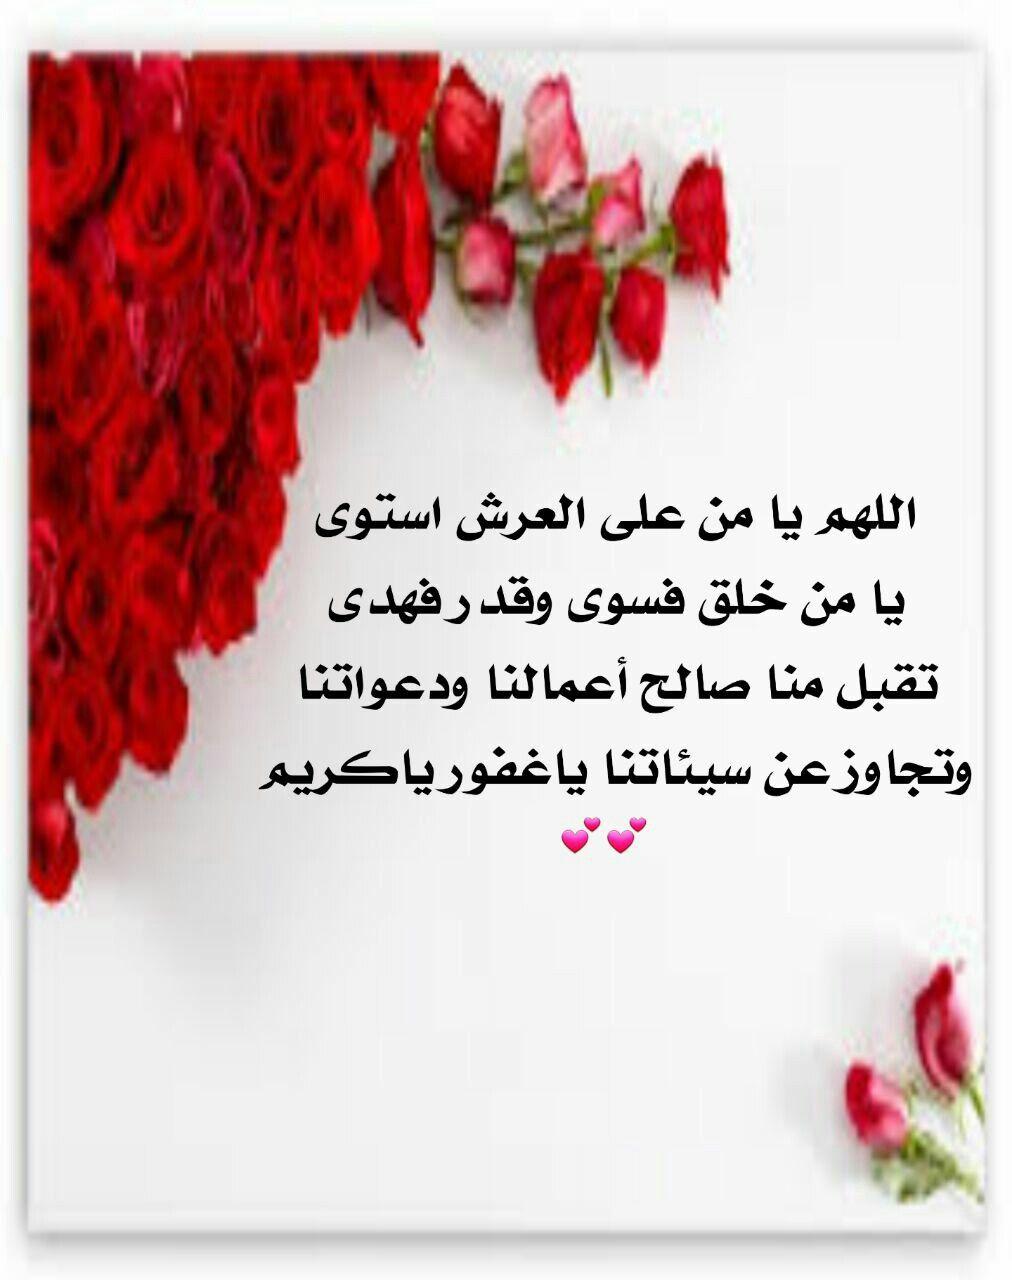 تقبل منا صالح الأعمال Cool Words Islam Allah Islam